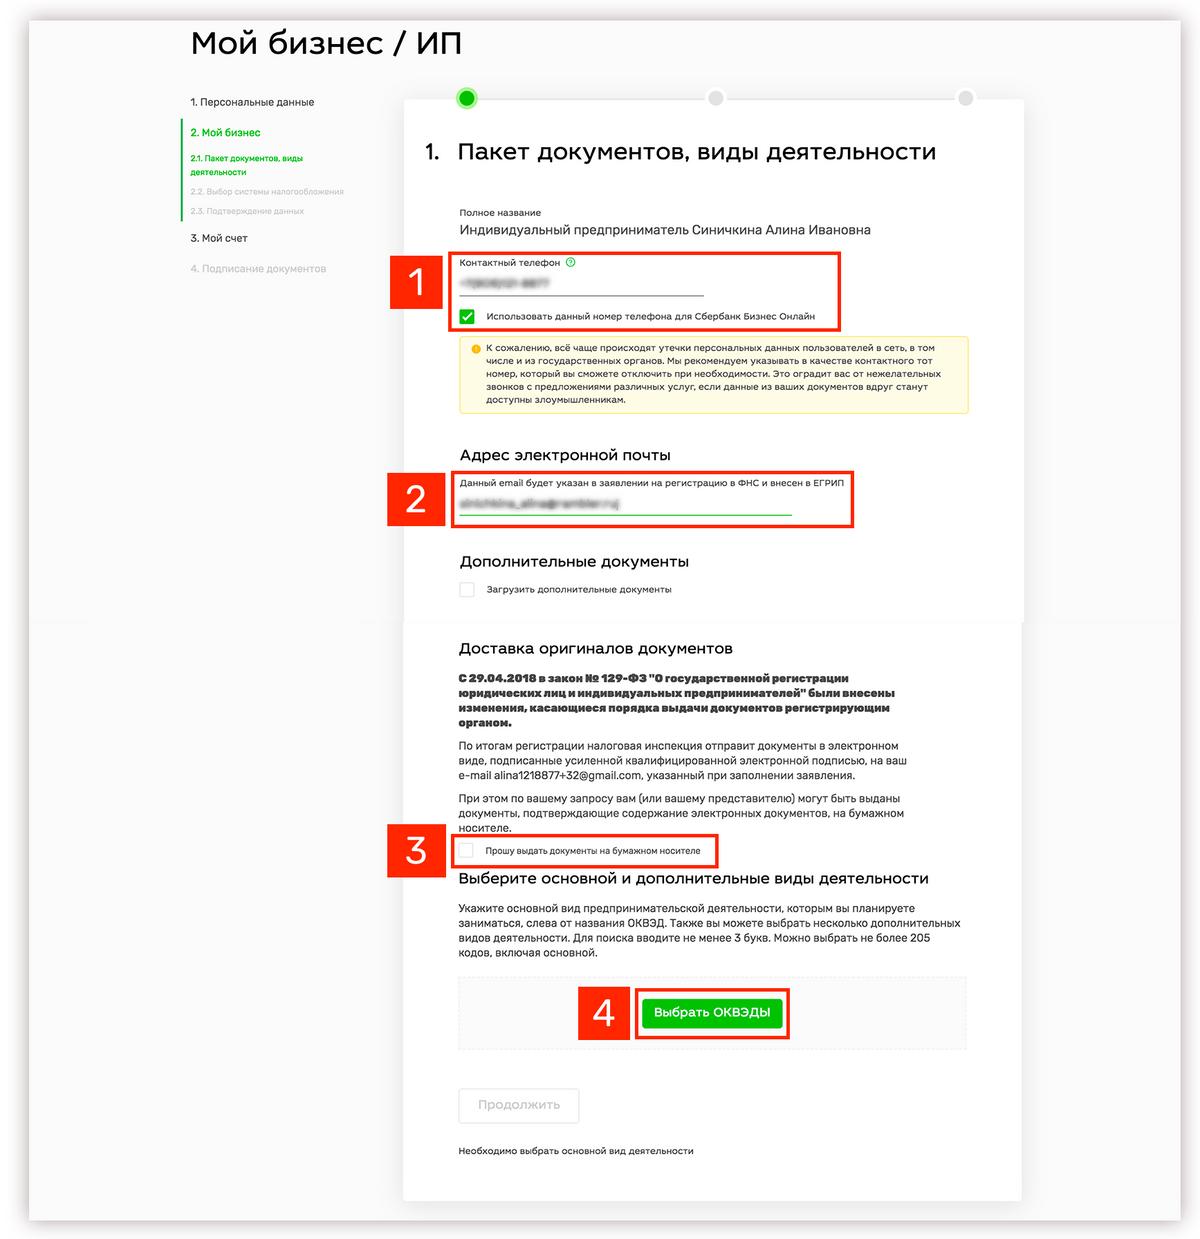 регистрация бизнеса онлайн